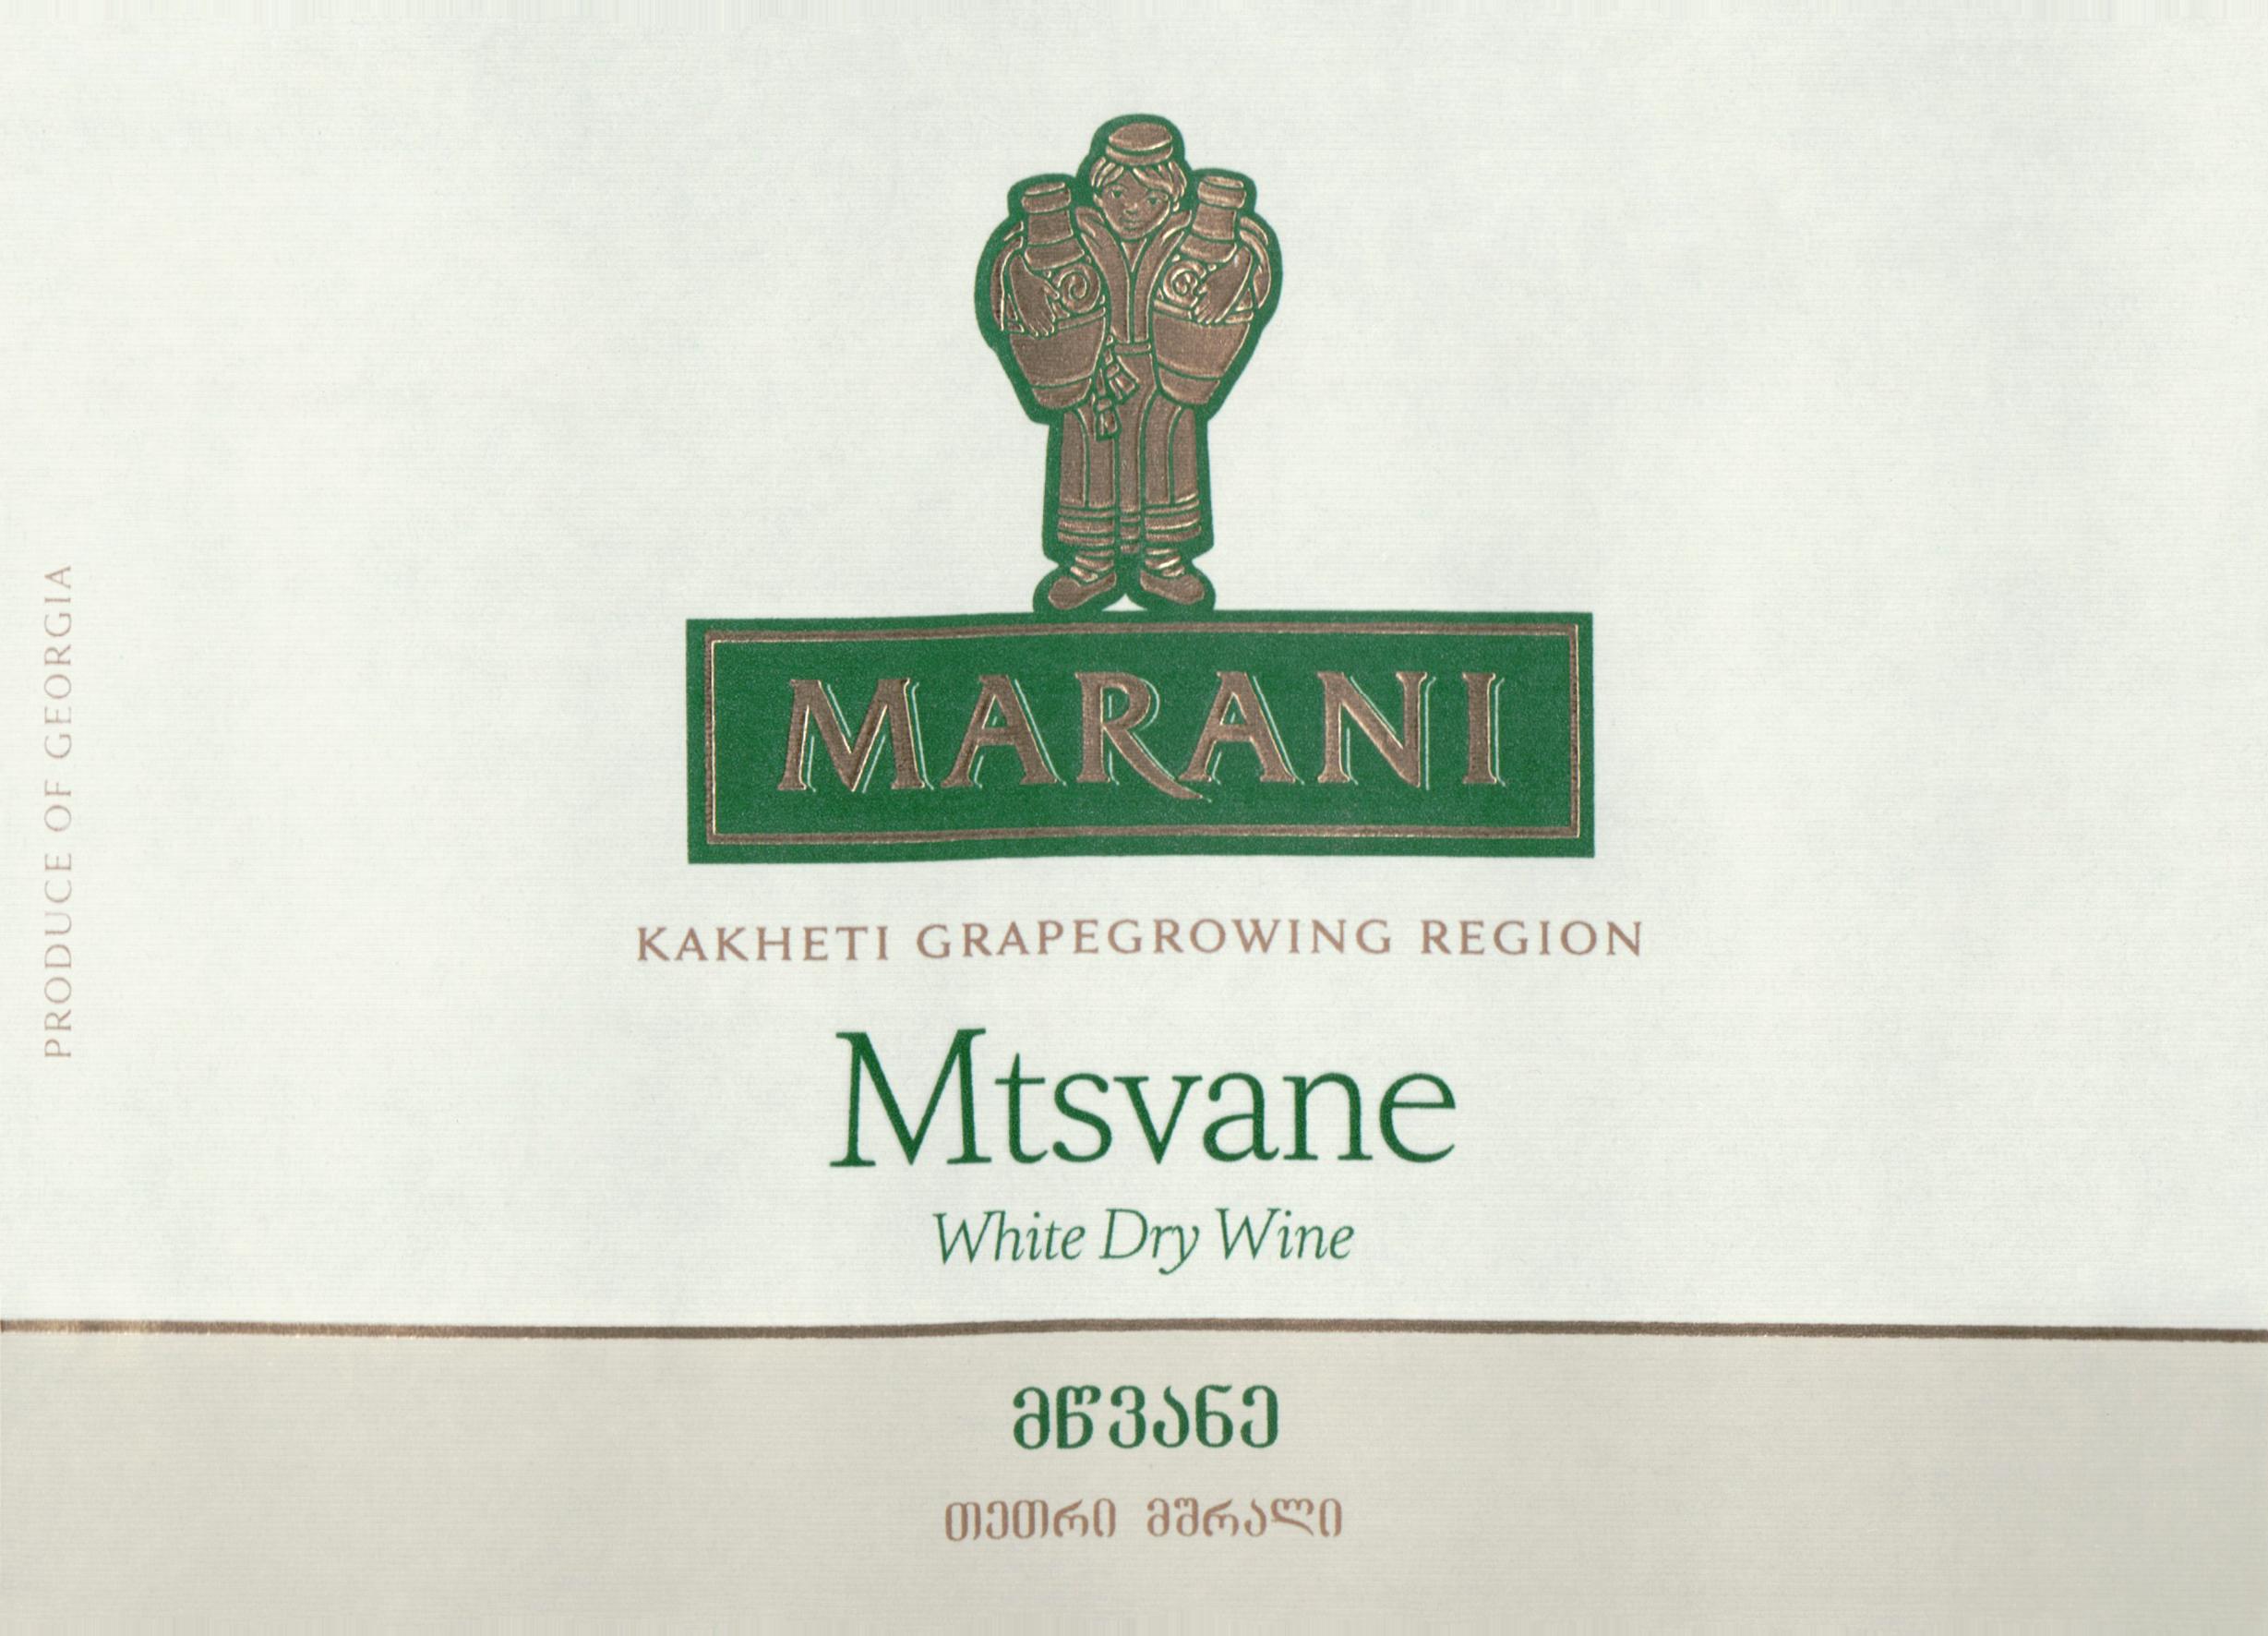 Marani Mtsvane 2018